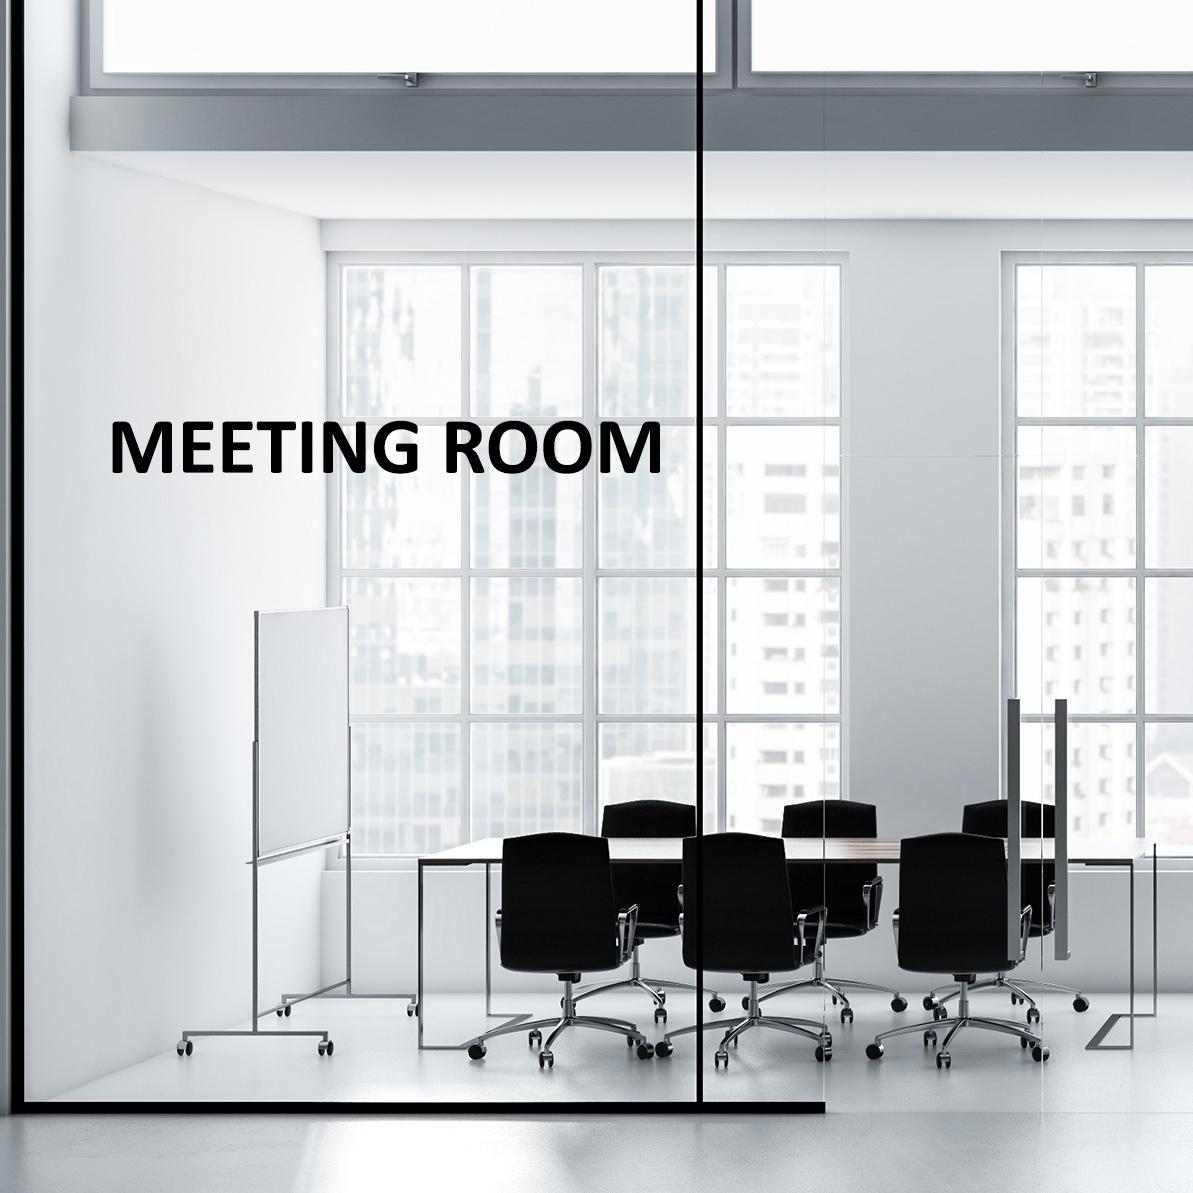 Aufkleber - MEETING ROOM Türaufkleber Hinweisschild Sticker